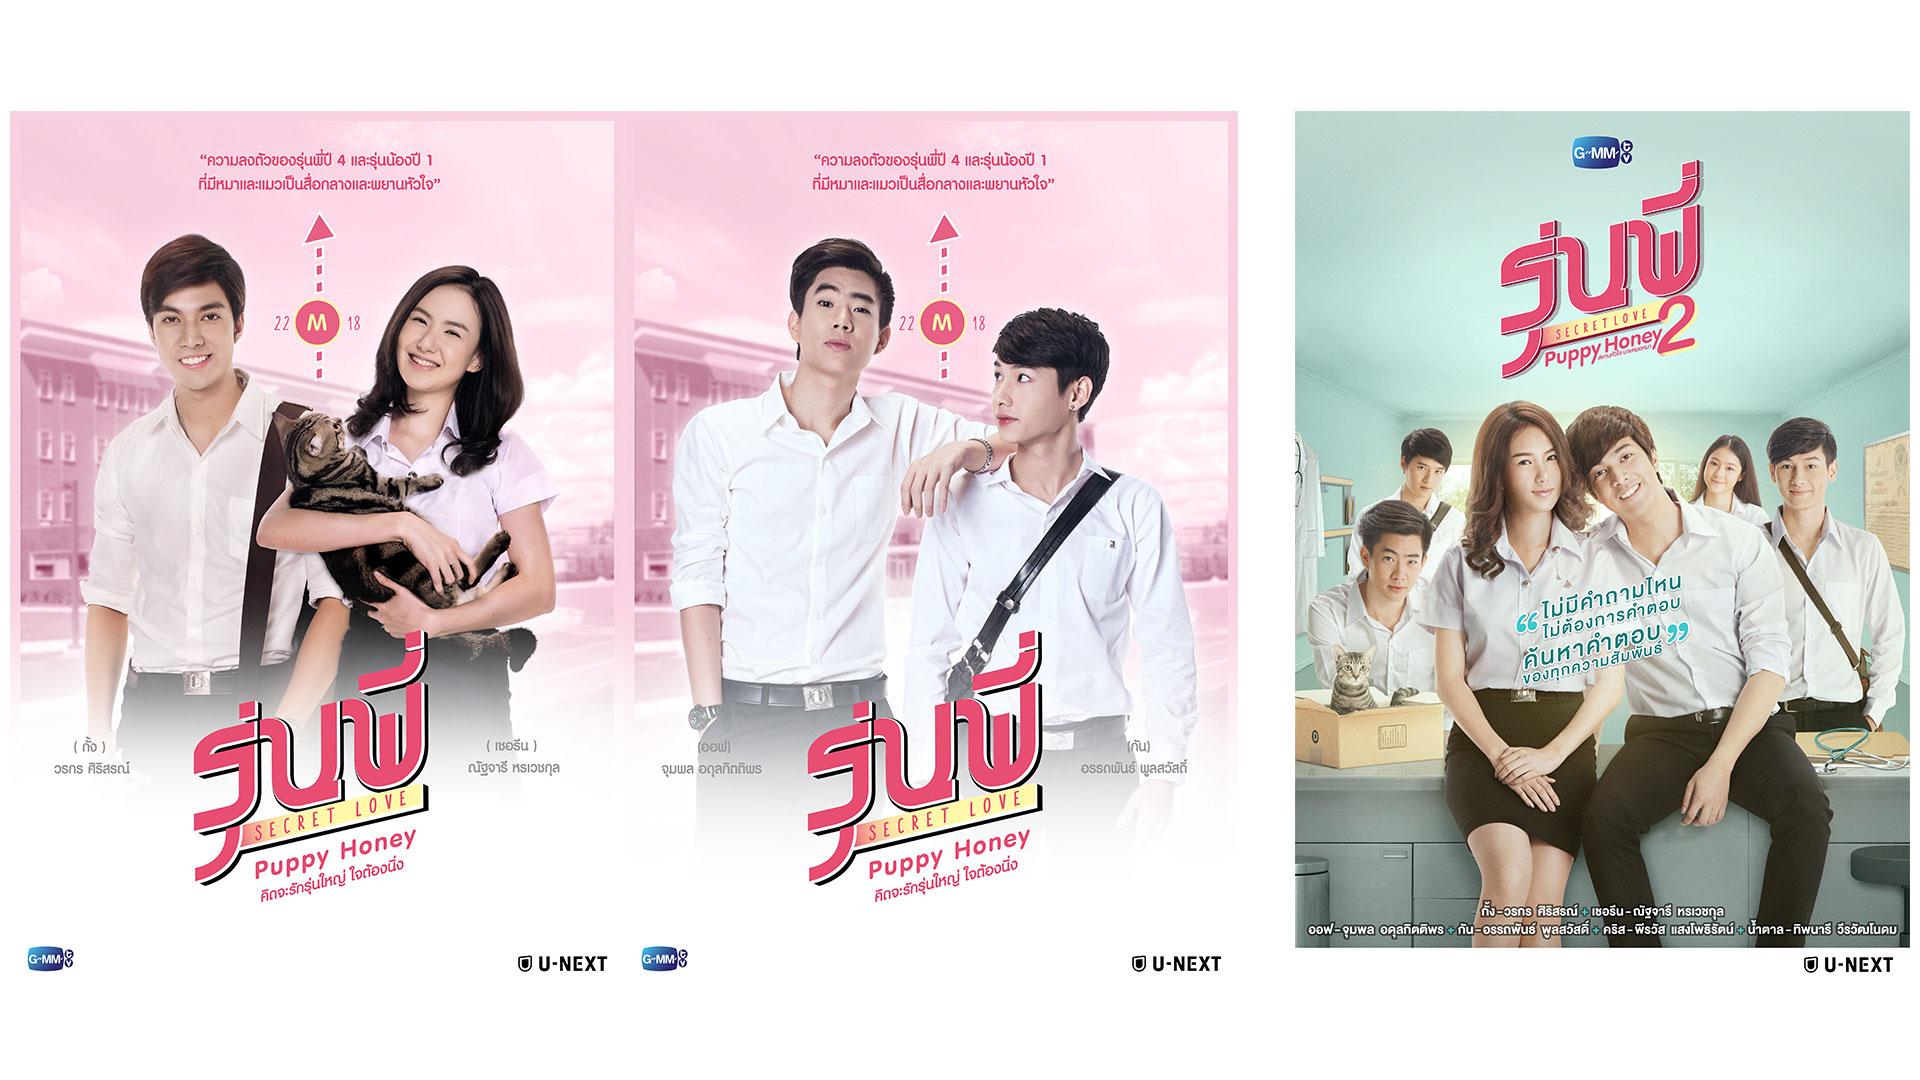 タイドラマ『Puppy Honey 1&2』をU-NEXT独占で日本初配信